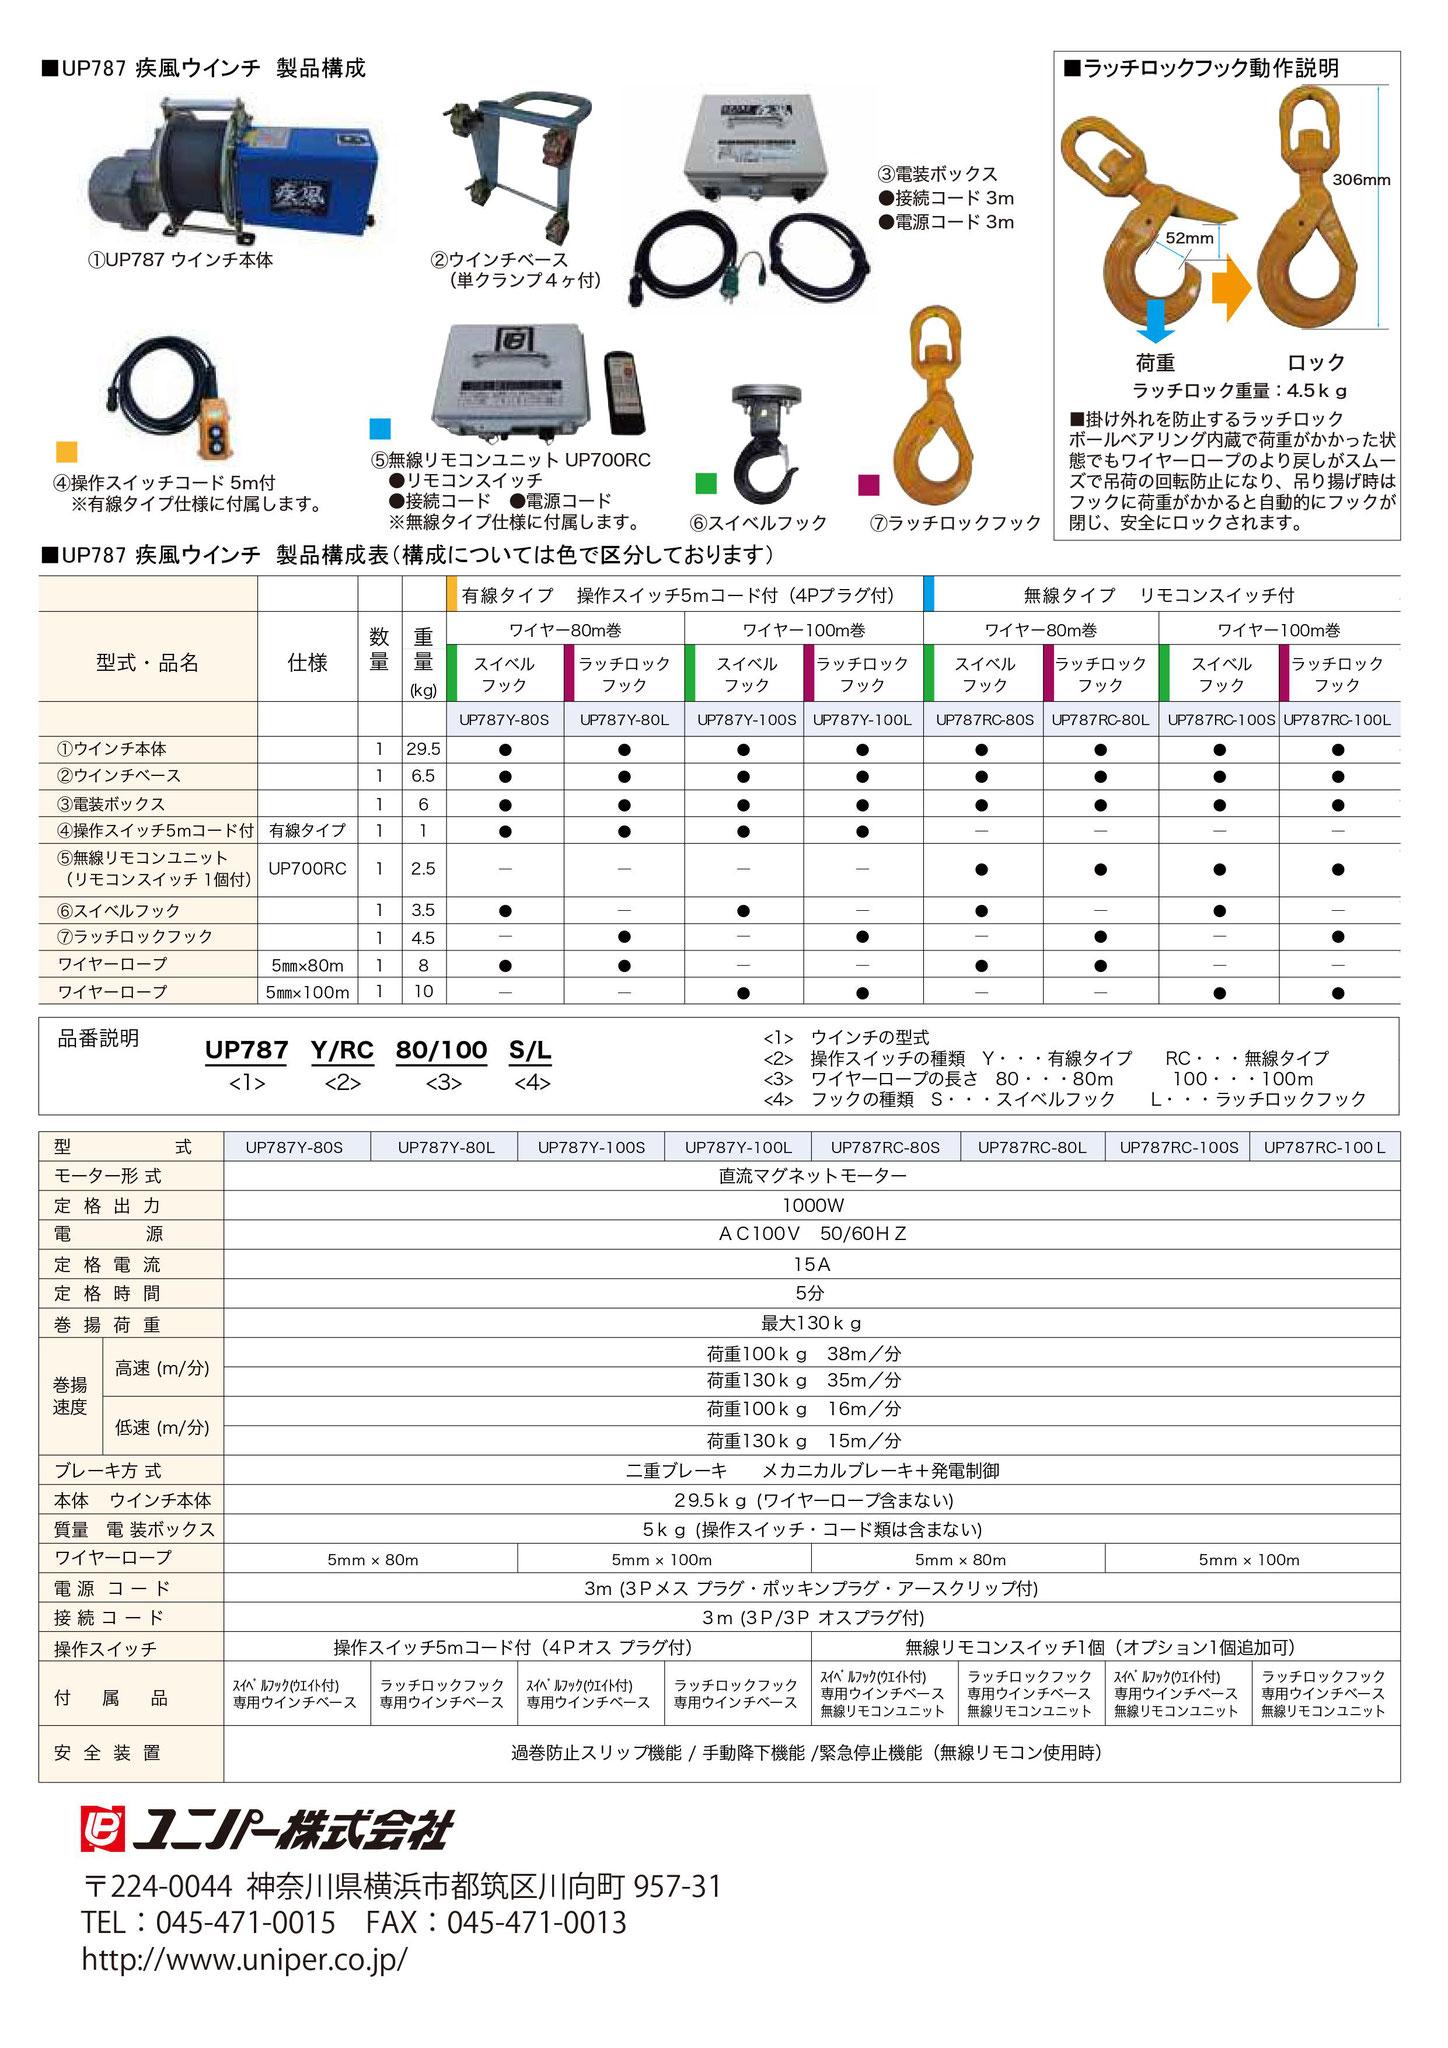 UP787 疾風ウインチ 製品構成